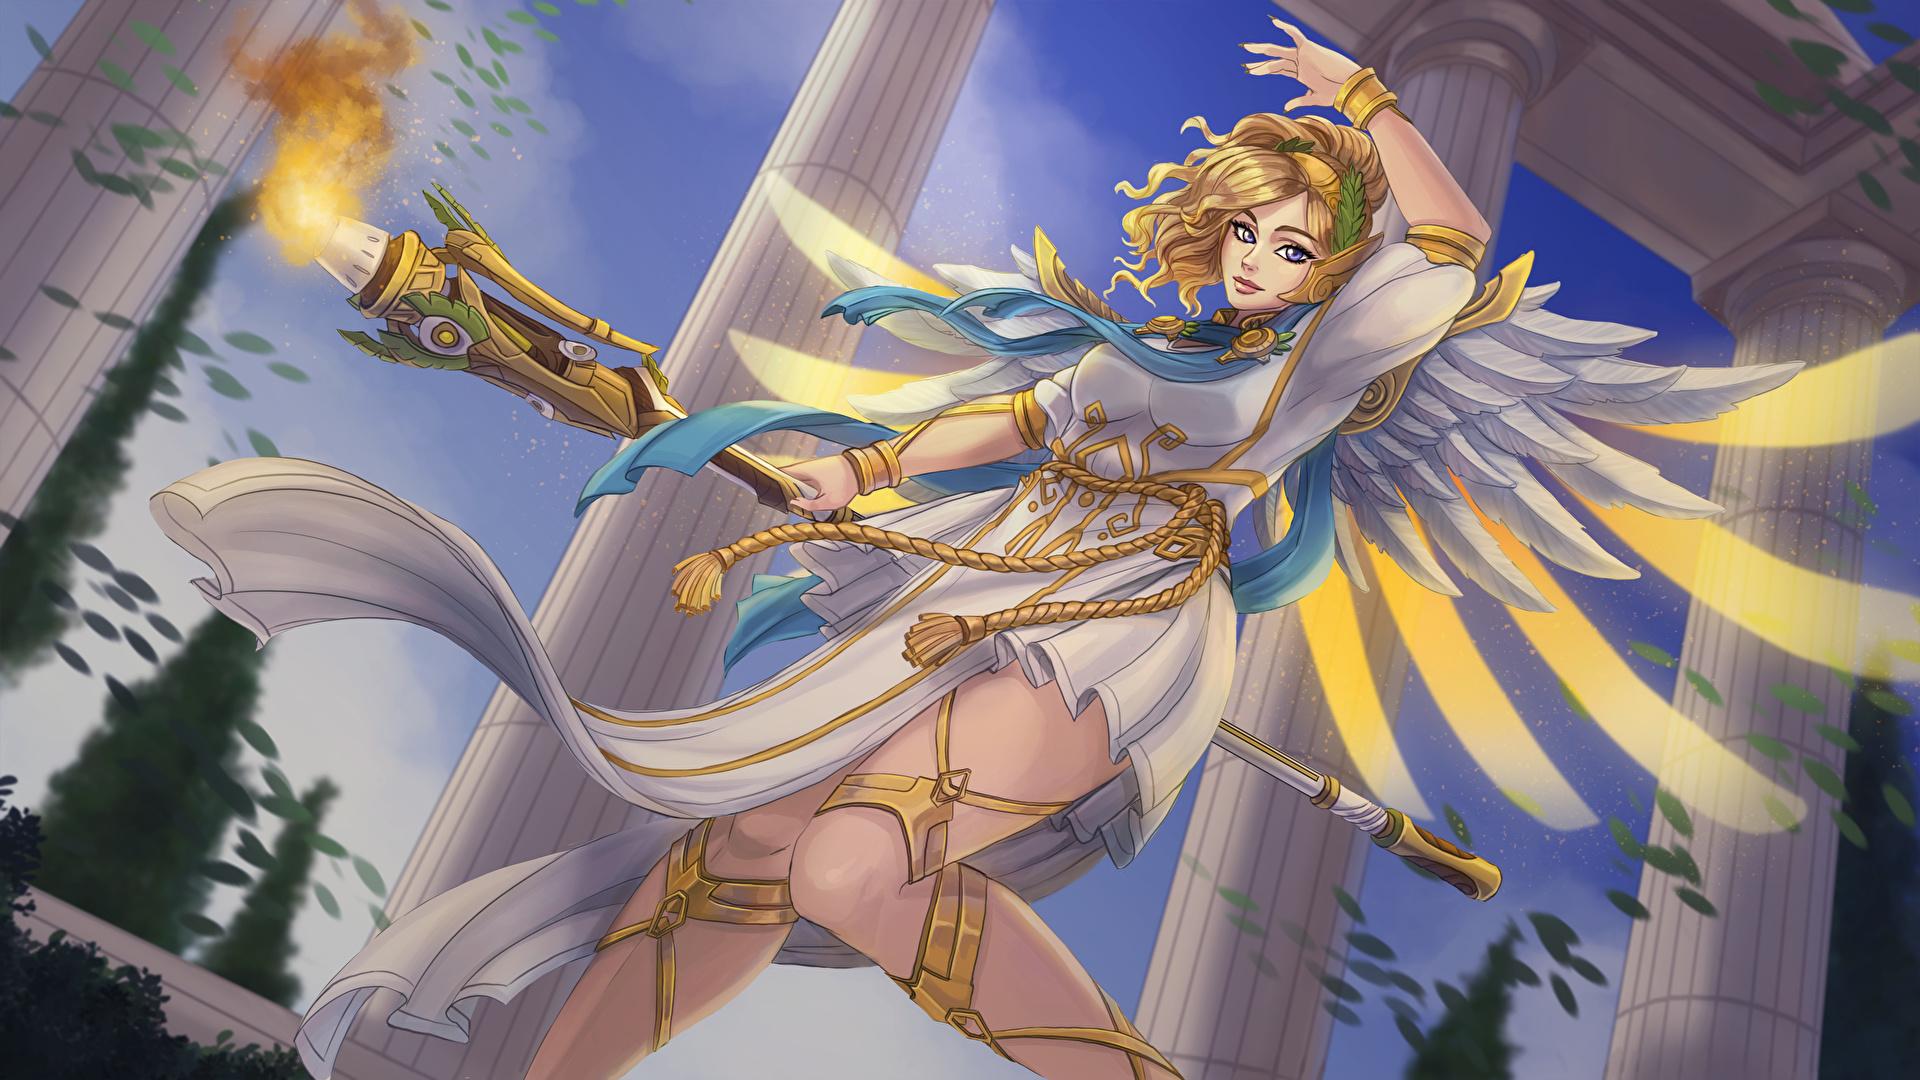 壁紙 1920x1080 オーバーウォッチ 天使 Mercy 杖 ゲーム 少女